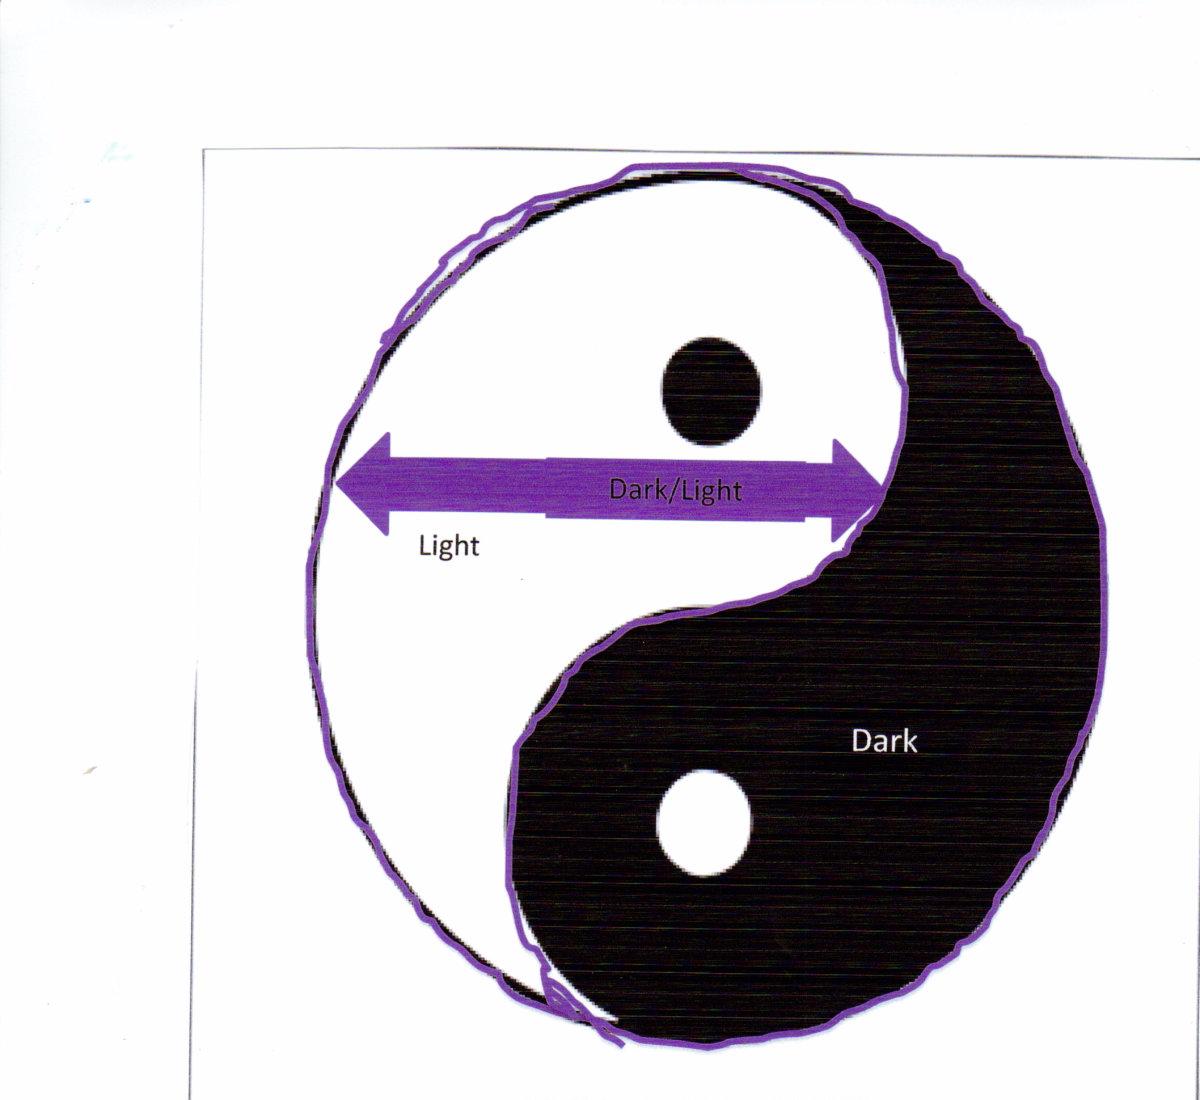 The purple surrounding the yin yang is the dark/light of the yin yang.